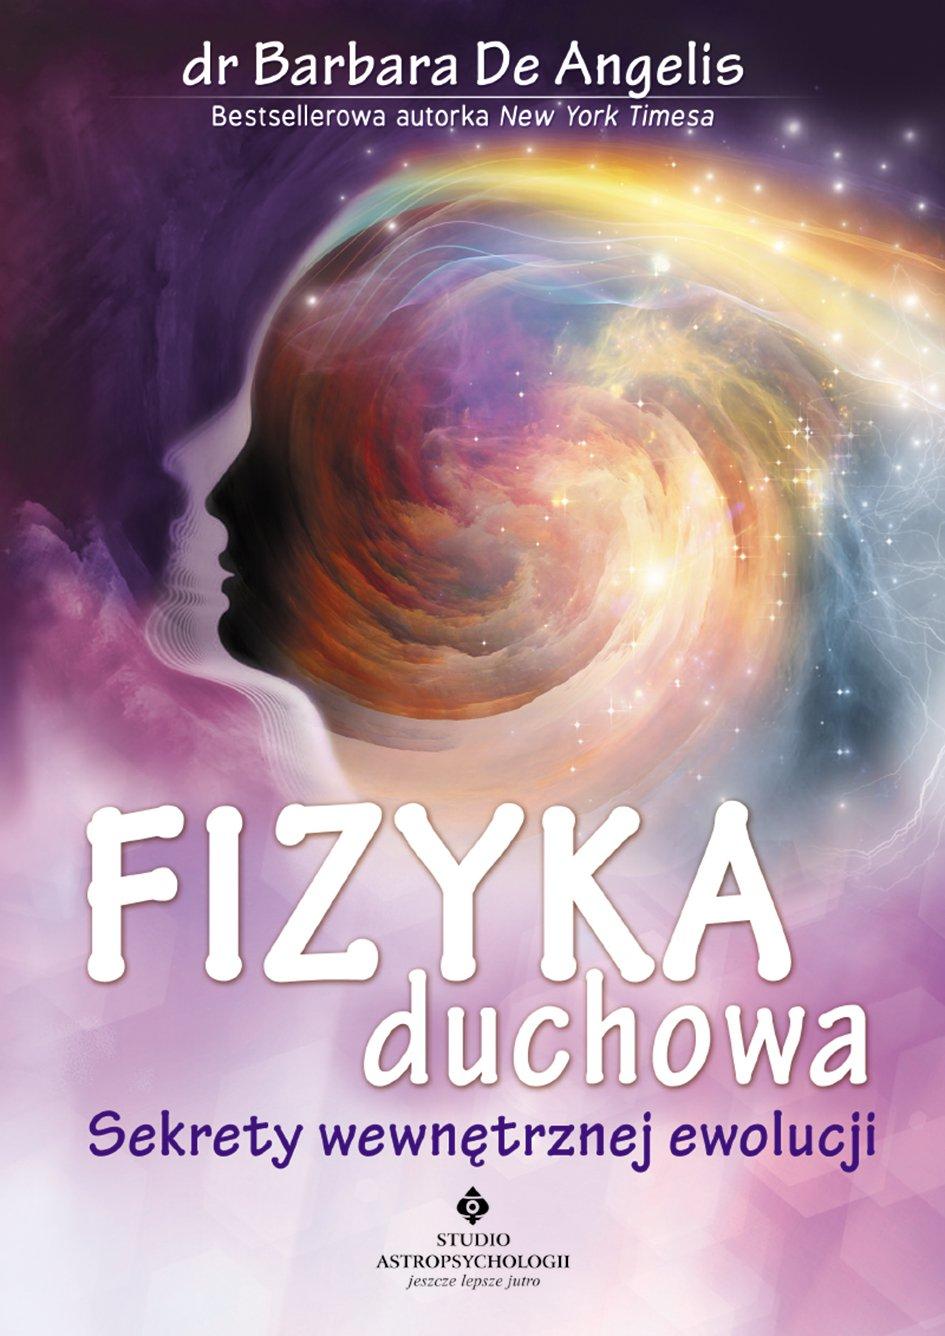 Fizyka duchowa. Sekrety wewnętrznej ewolucji - Ebook (Książka PDF) do pobrania w formacie PDF